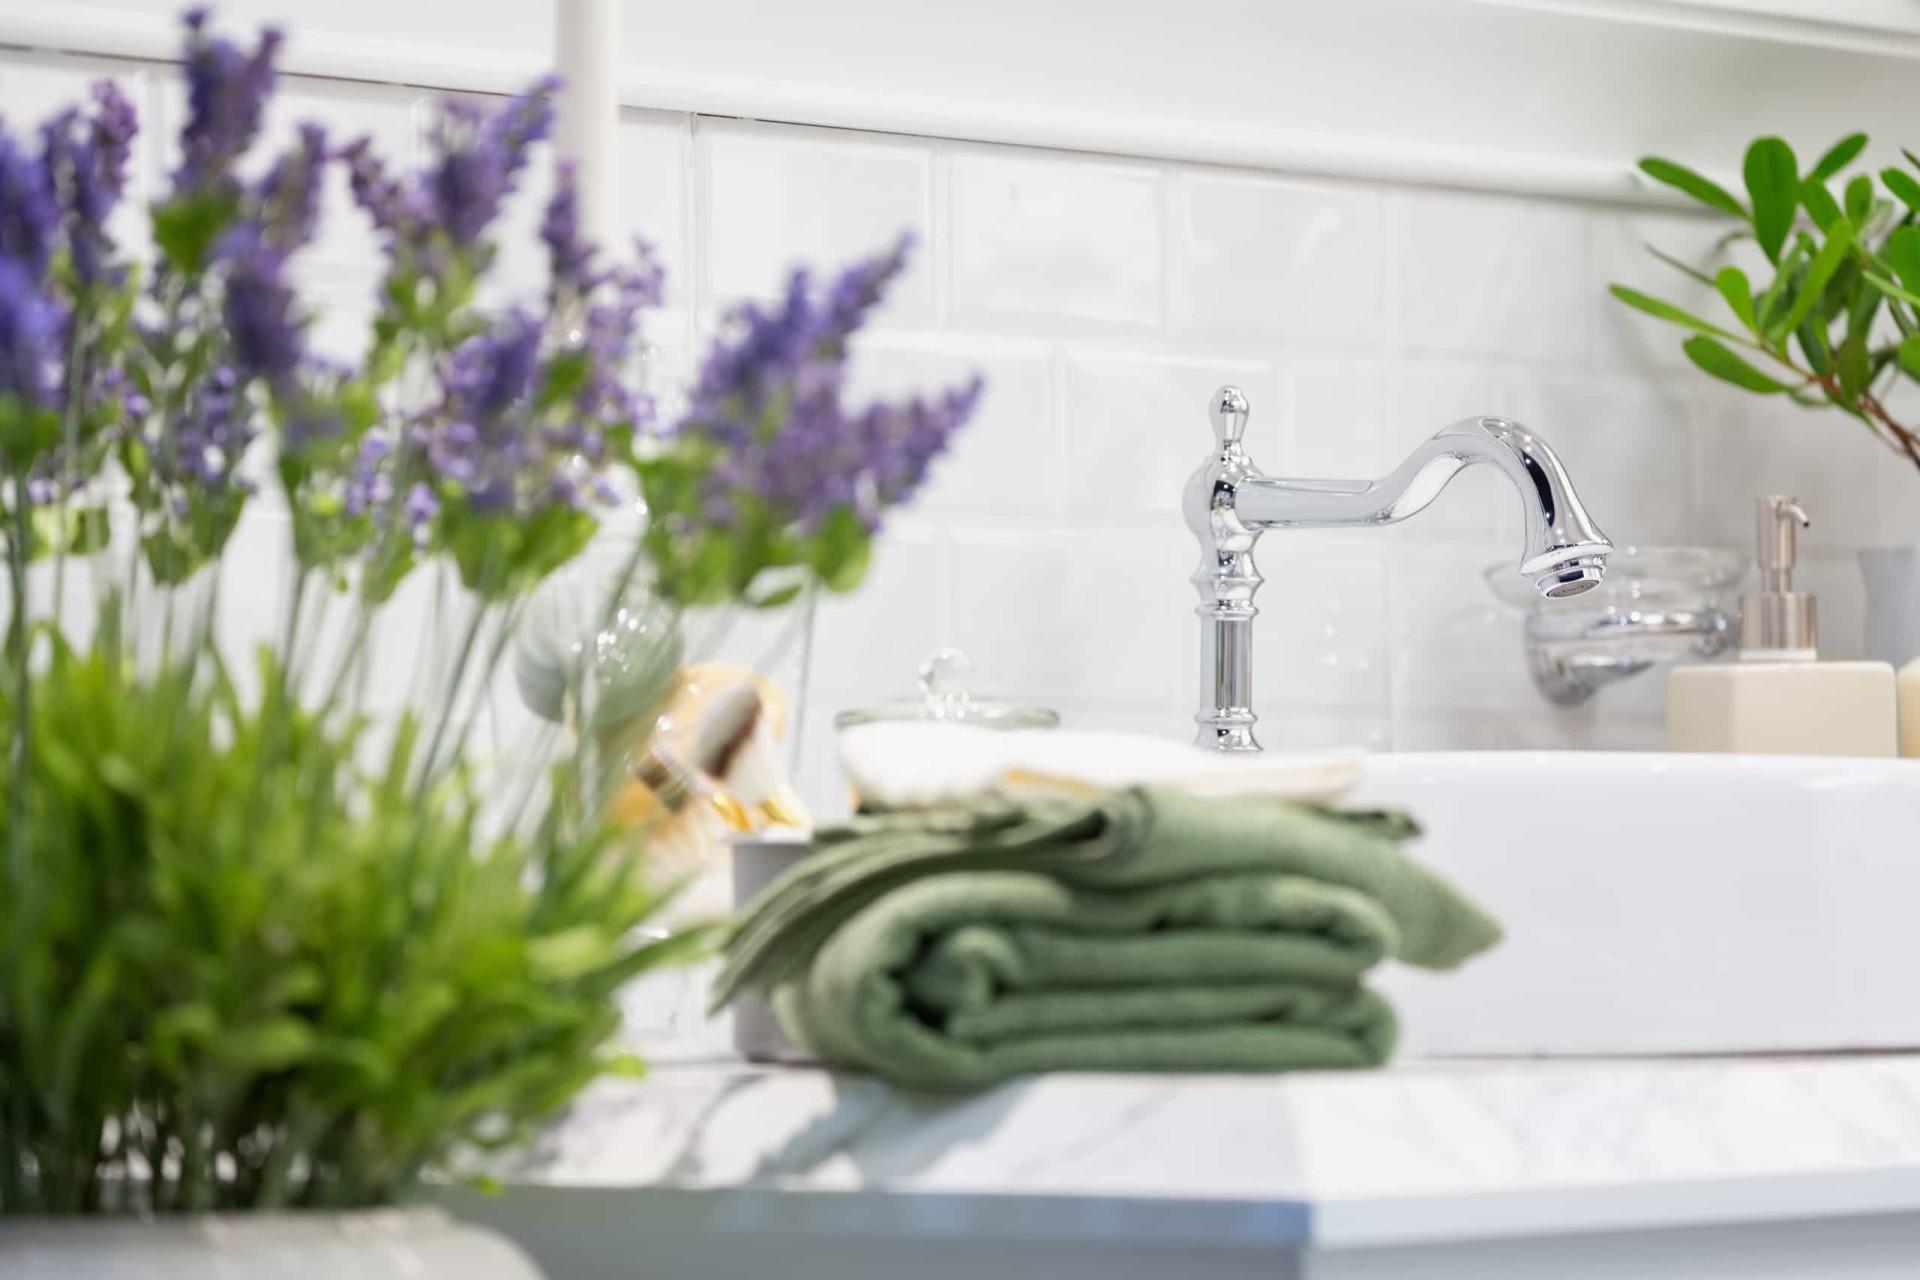 Superpoderes. Os benefícios calmantes da lavanda